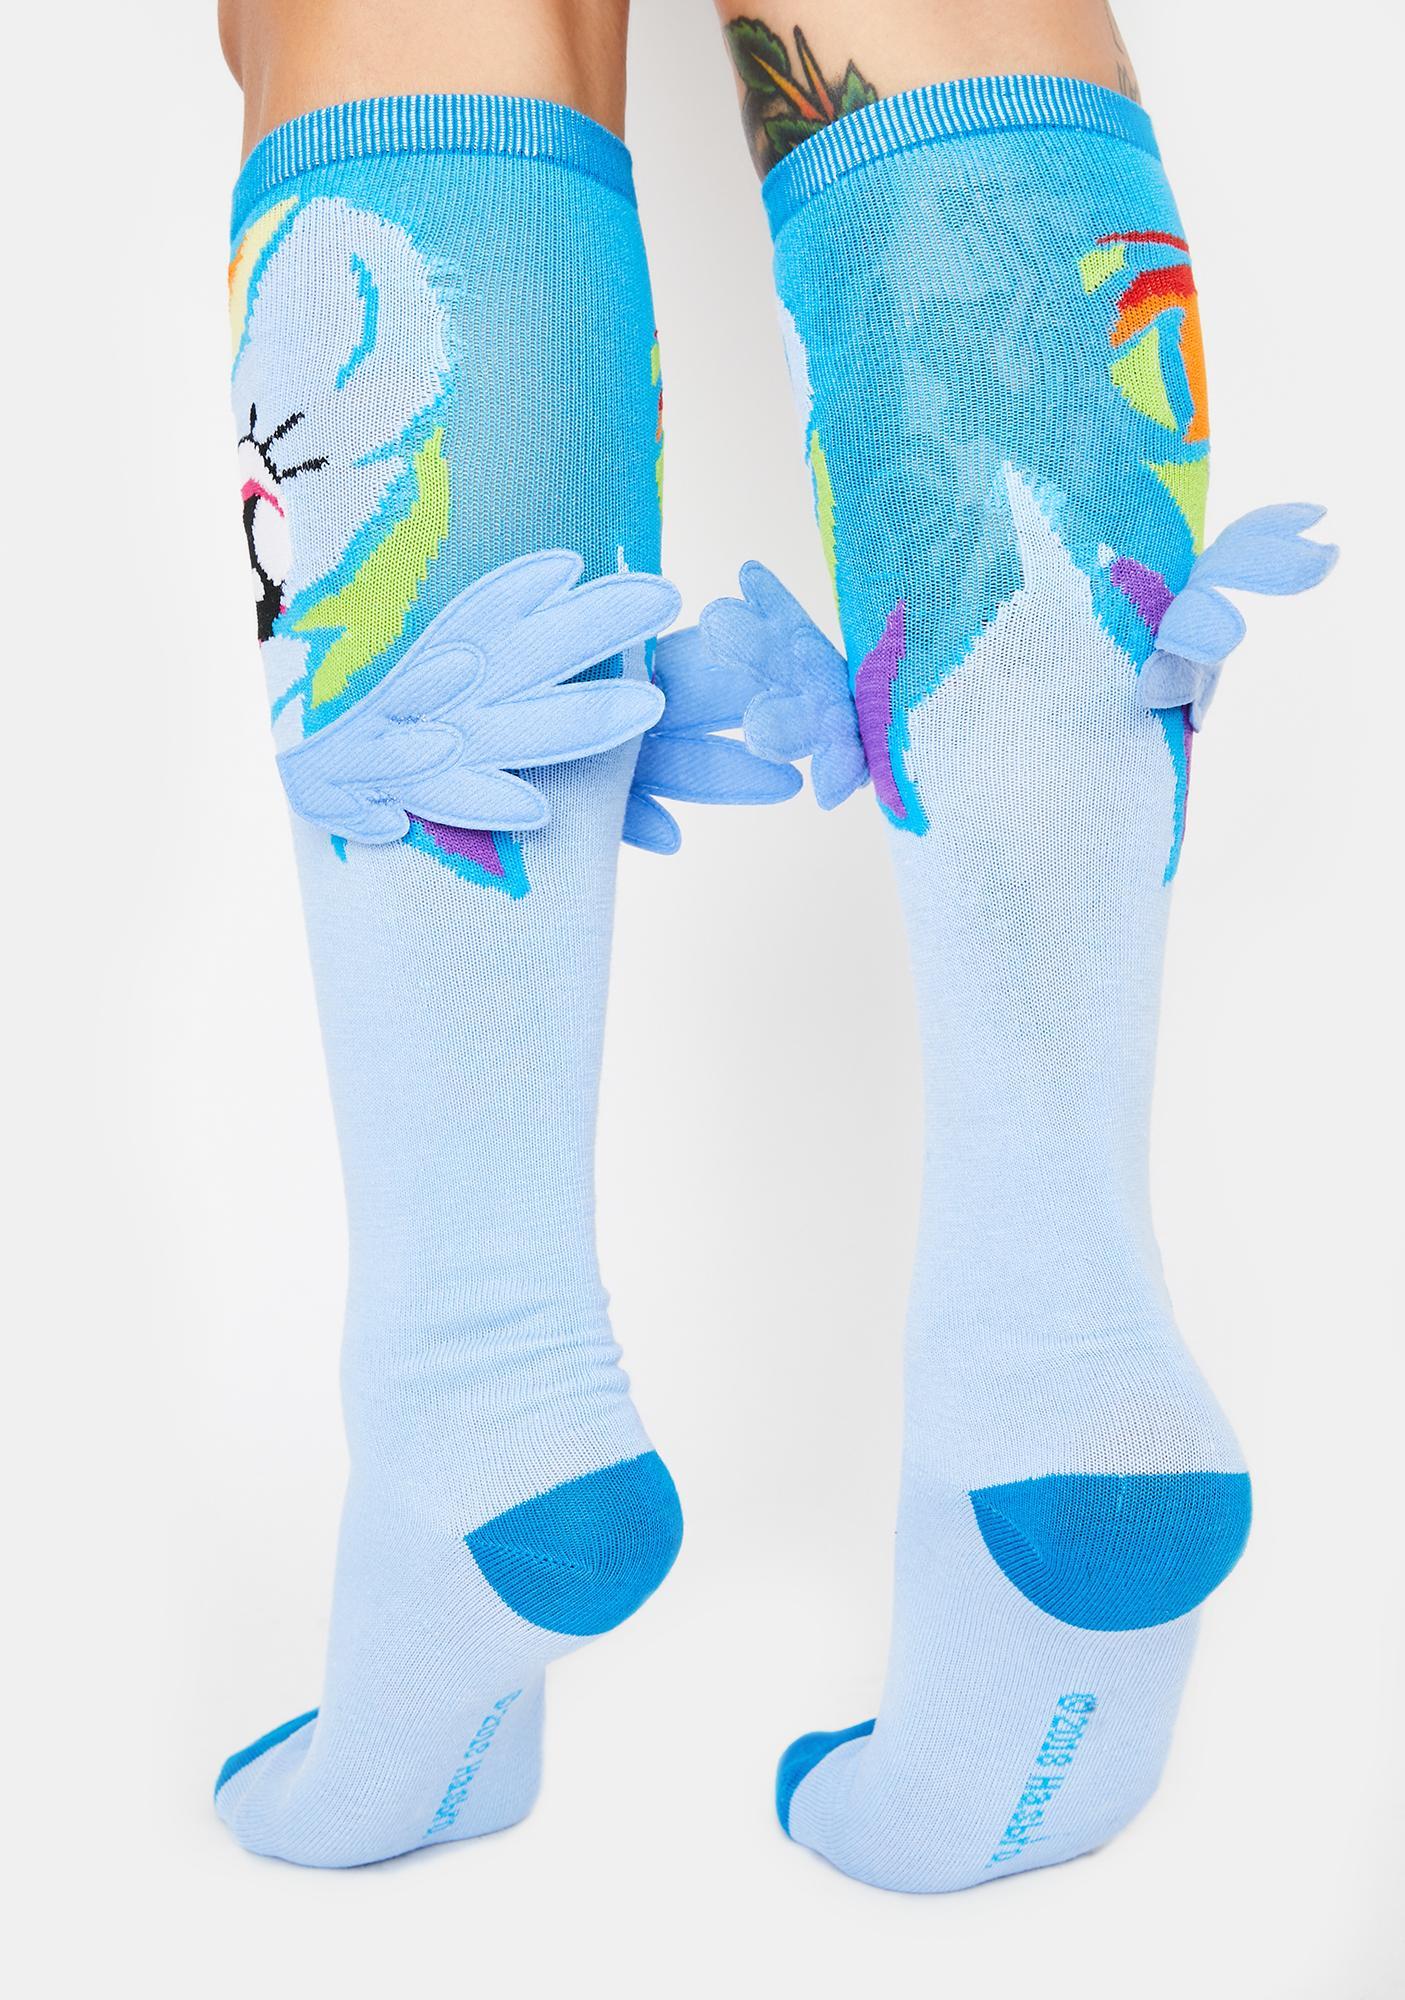 My Little Flying Pony Knee High Socks